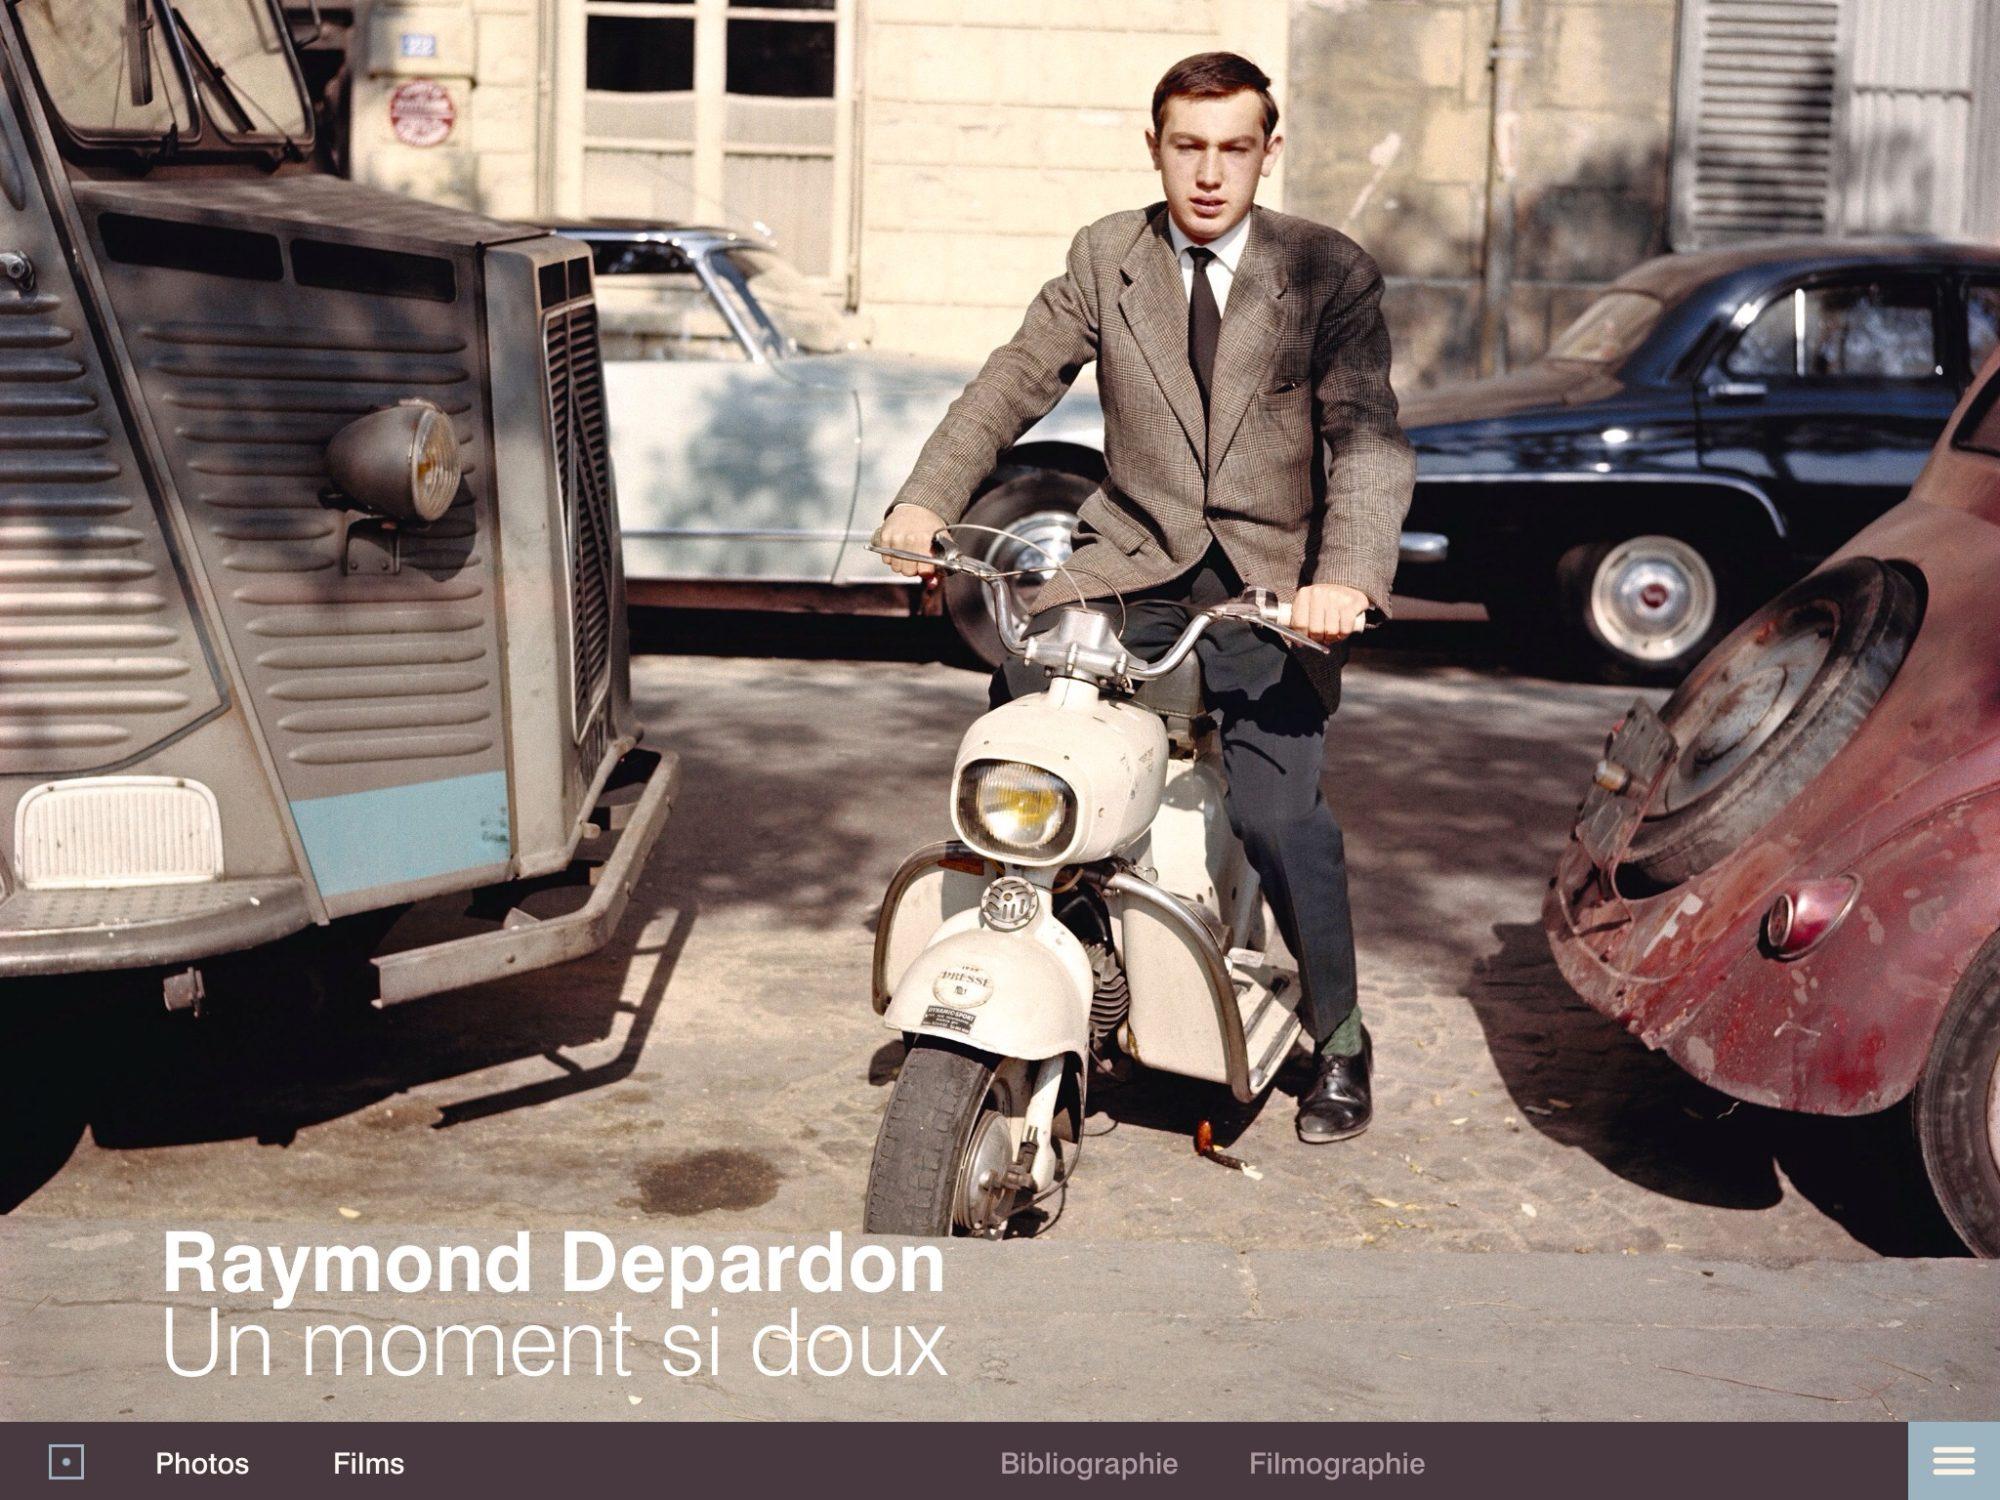 Raymond Depardon au Grand Palais : Une production multiple de documents autour d'une exposition peut-elle en gâcher la visite ?